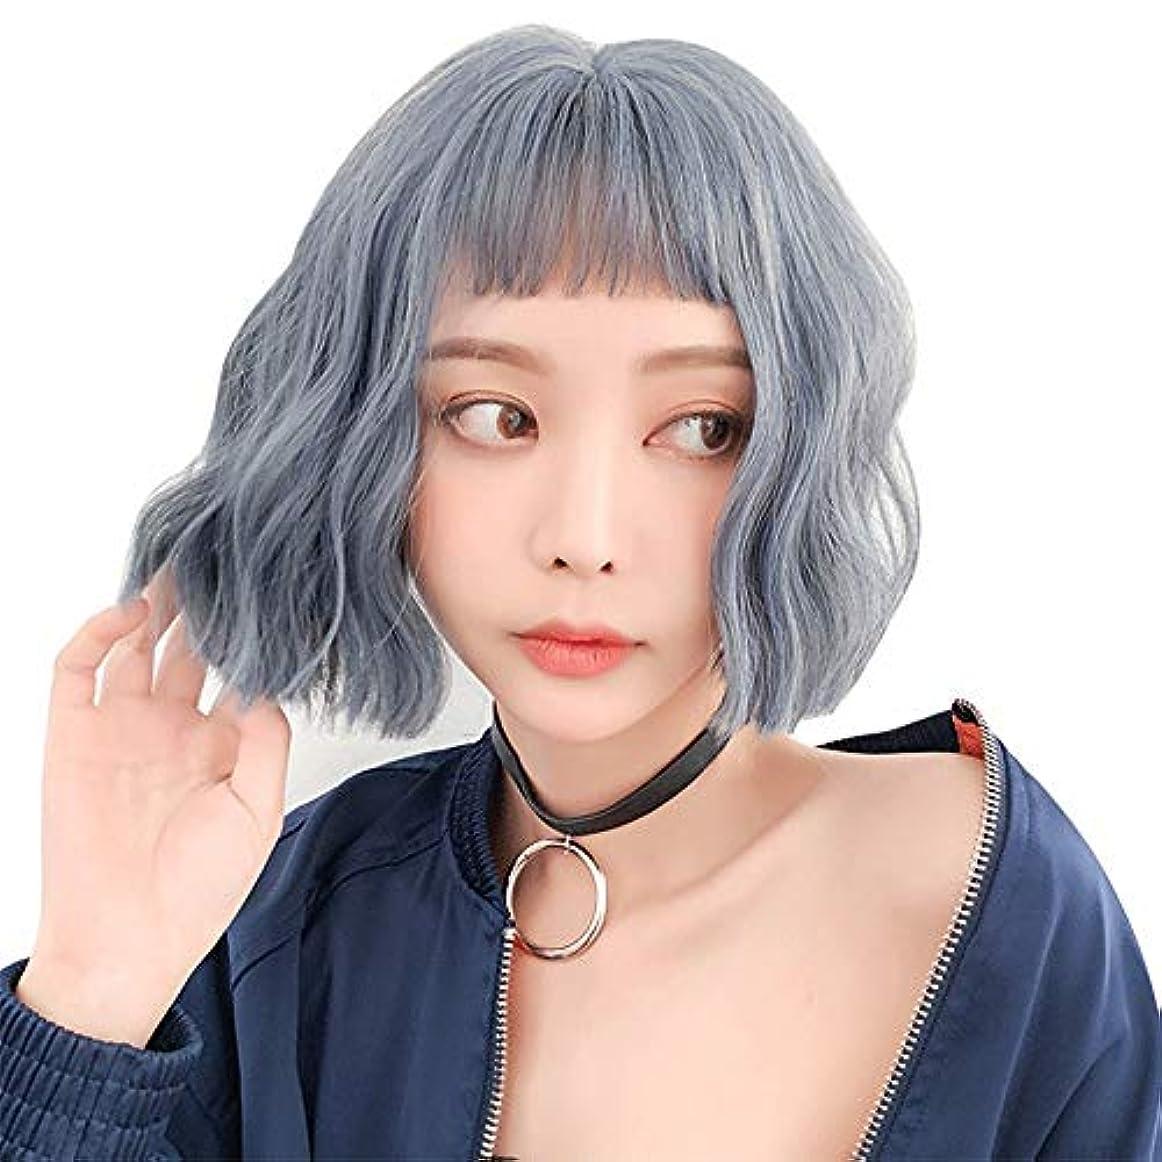 SRY-Wigファッション ファッションショート人間の髪の毛のかつらカーリーウェーブ10インチブルーショートカーリーウィッグ前髪ショートボブレースフロントウィッグ合成女性用